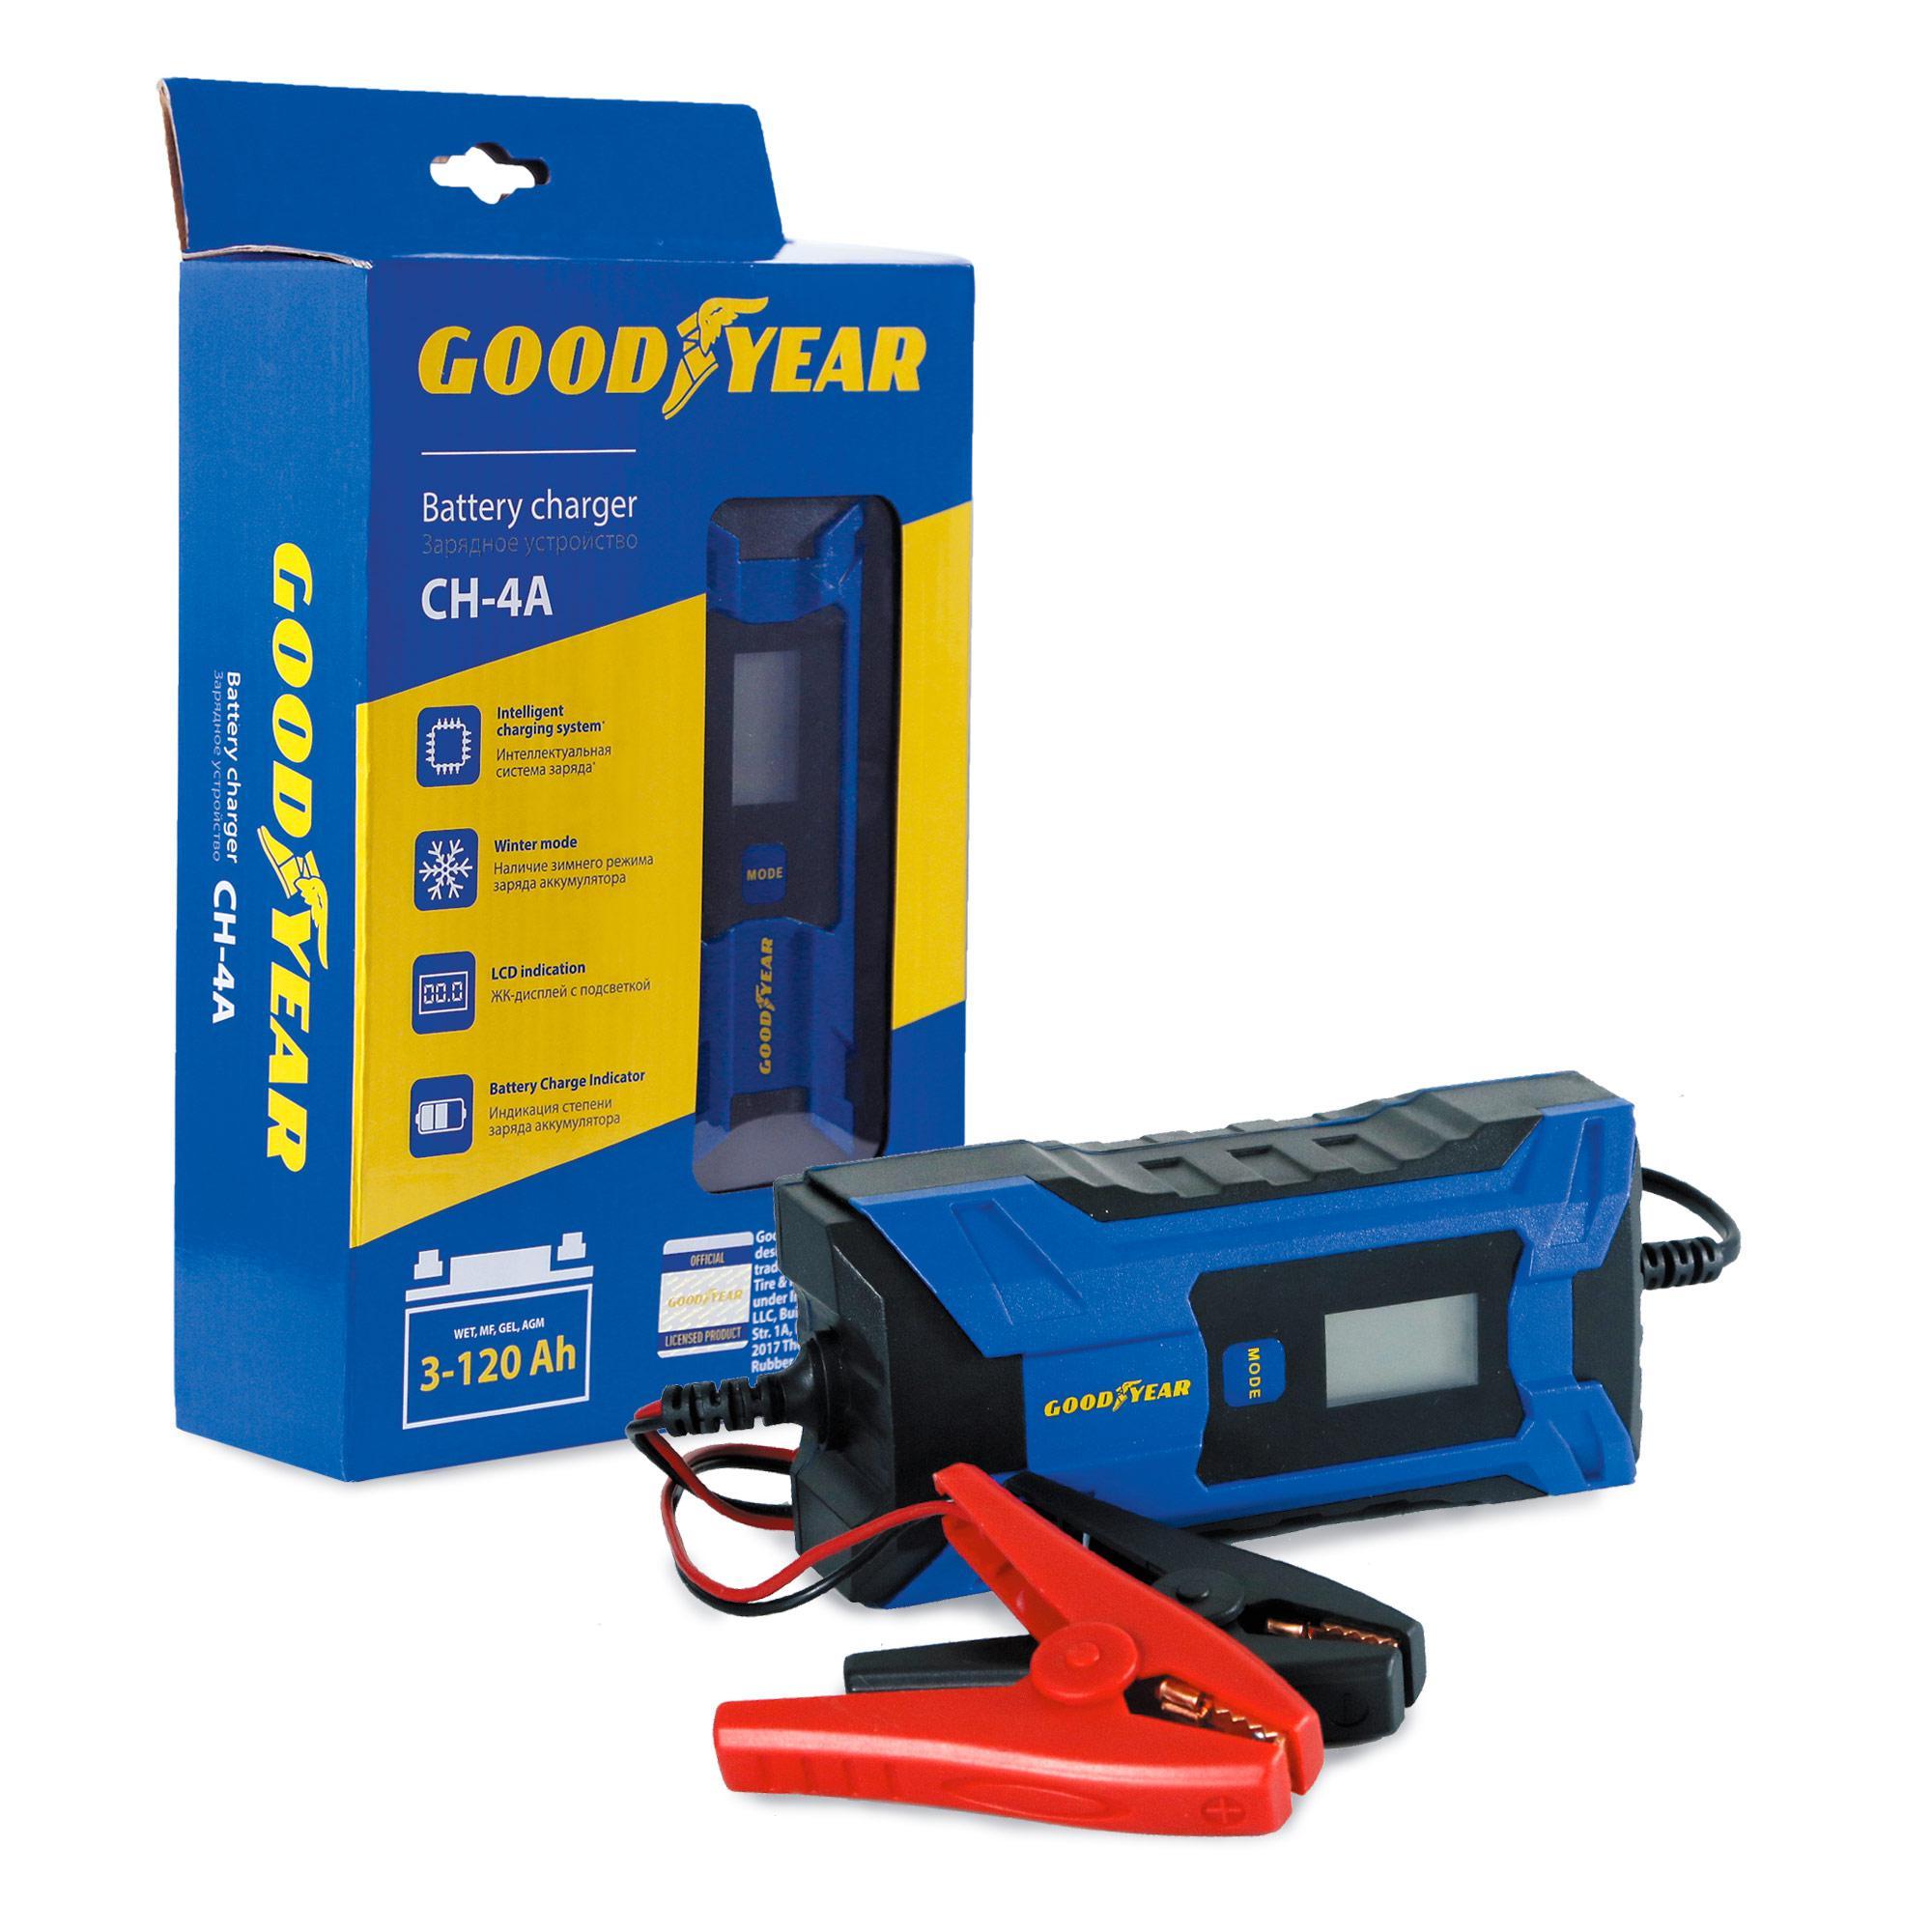 Зарядное устройство Goodyear Gy003001 зарядное устройство 6 вольт для аккумулятора в томске